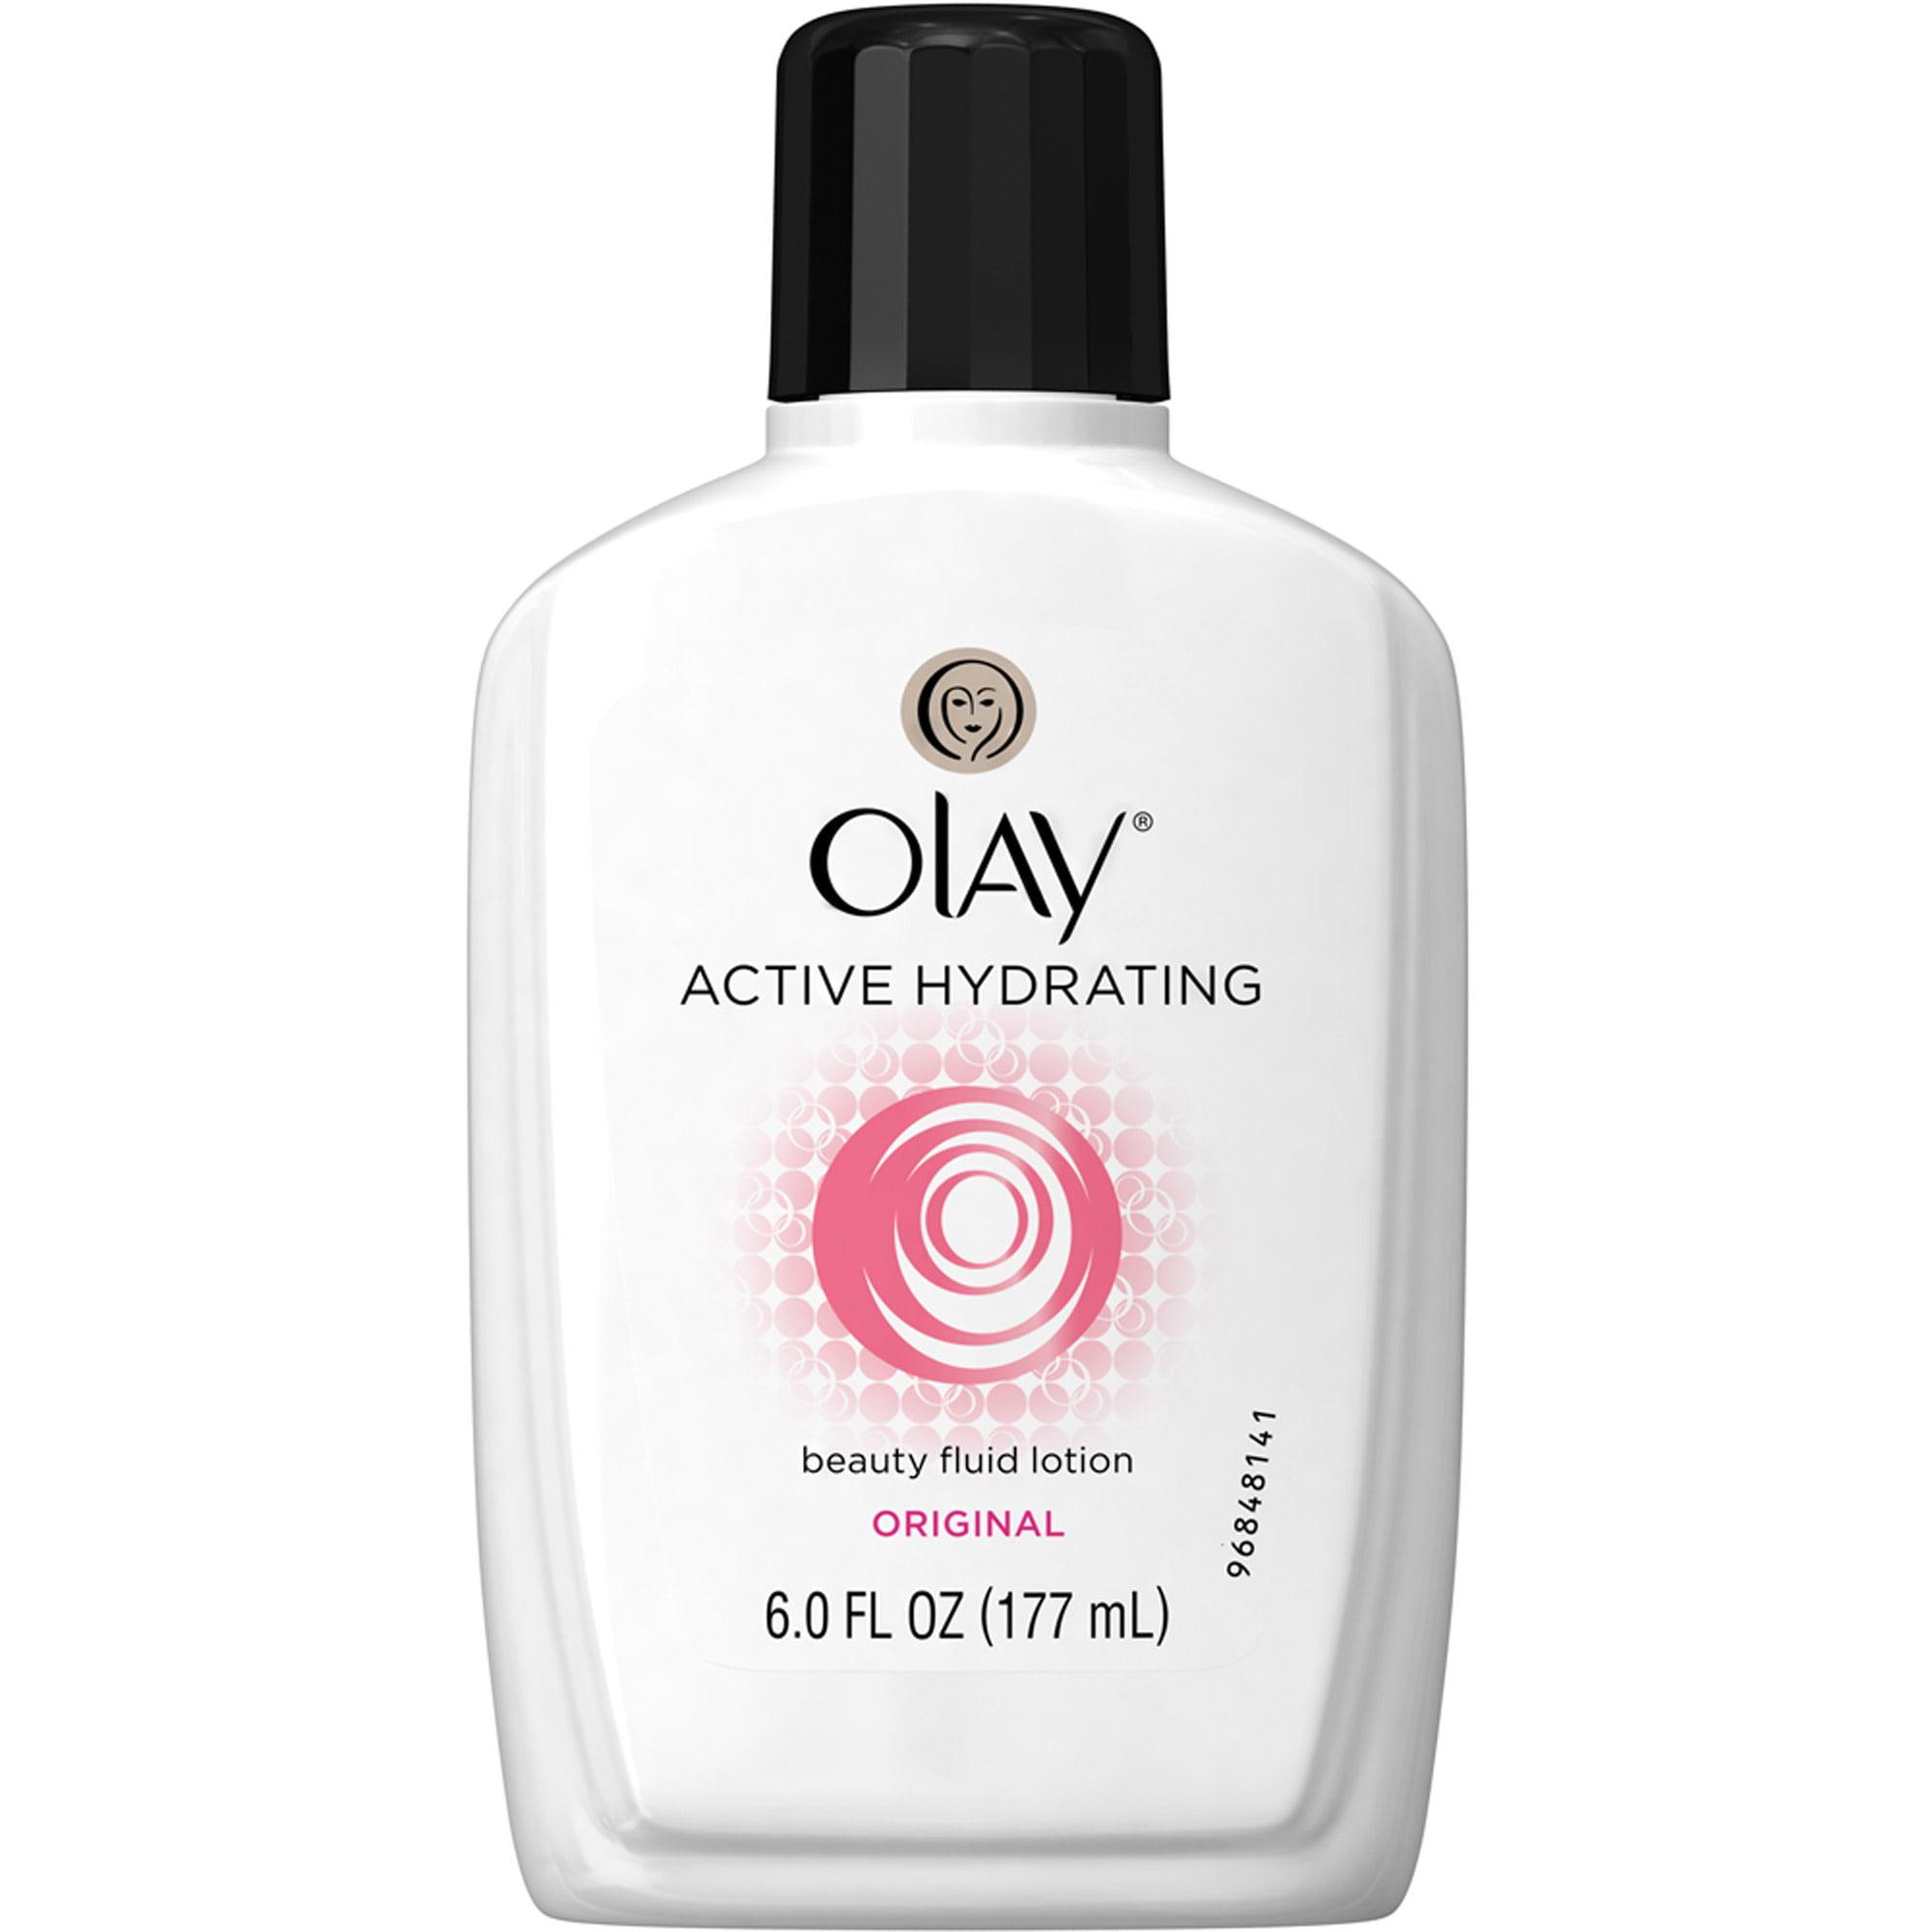 Olay Active Hydrating Beauty Facial Moisturizer Fluid Lotion, 6.0 fl oz